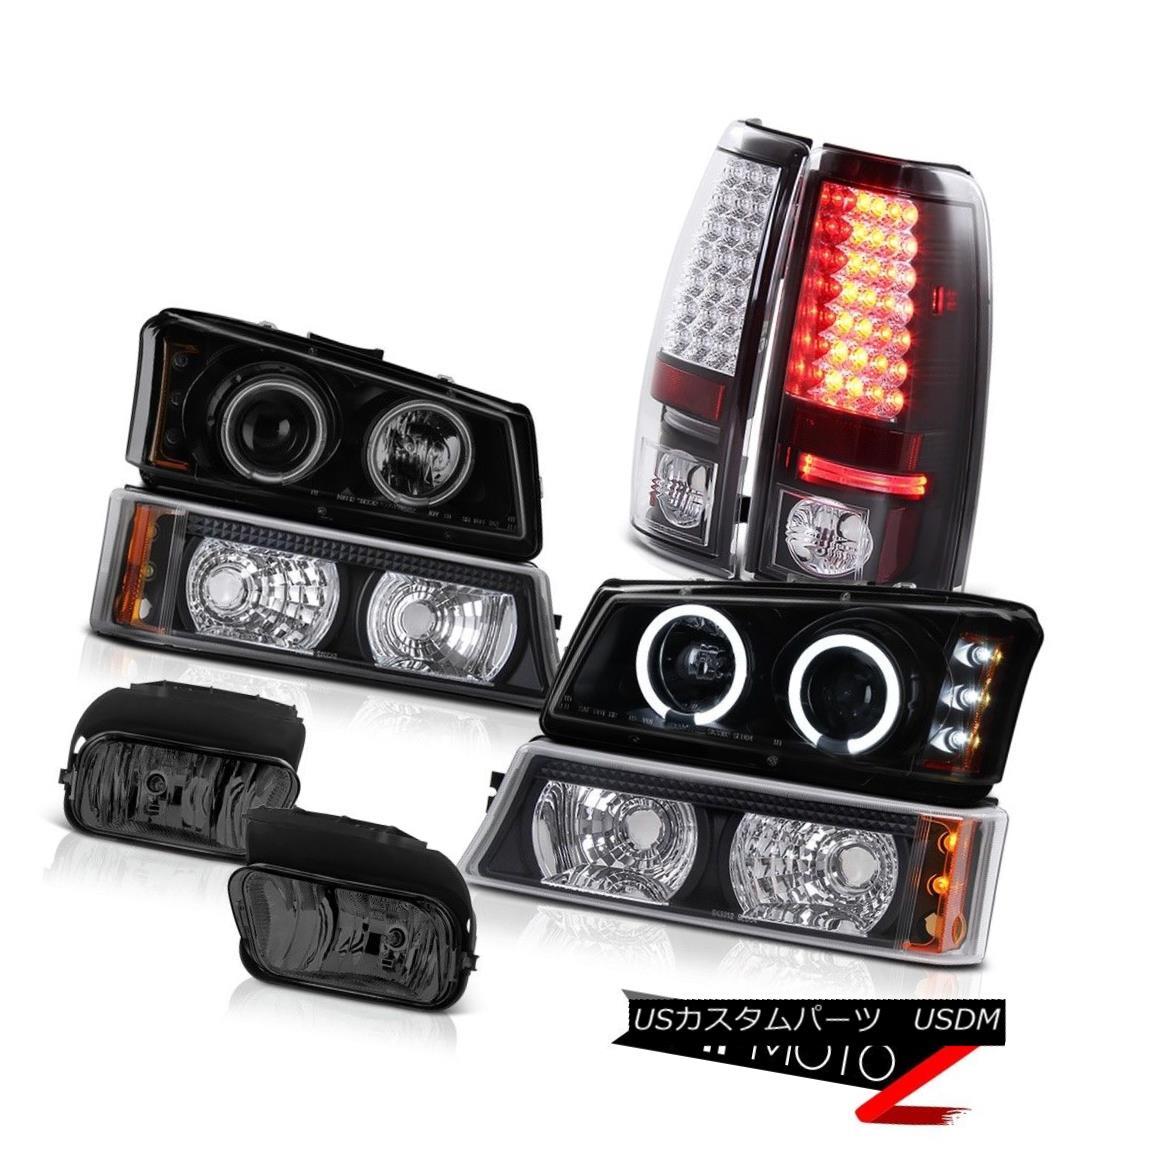 テールライト 03-06 Silverado 1500HD Projector Headlight Matte Black Signal Tail Light Foglamp 03-06 Silverado 1500HDプロジェクターヘッドライトマットブラック信号テールライトフォグライト